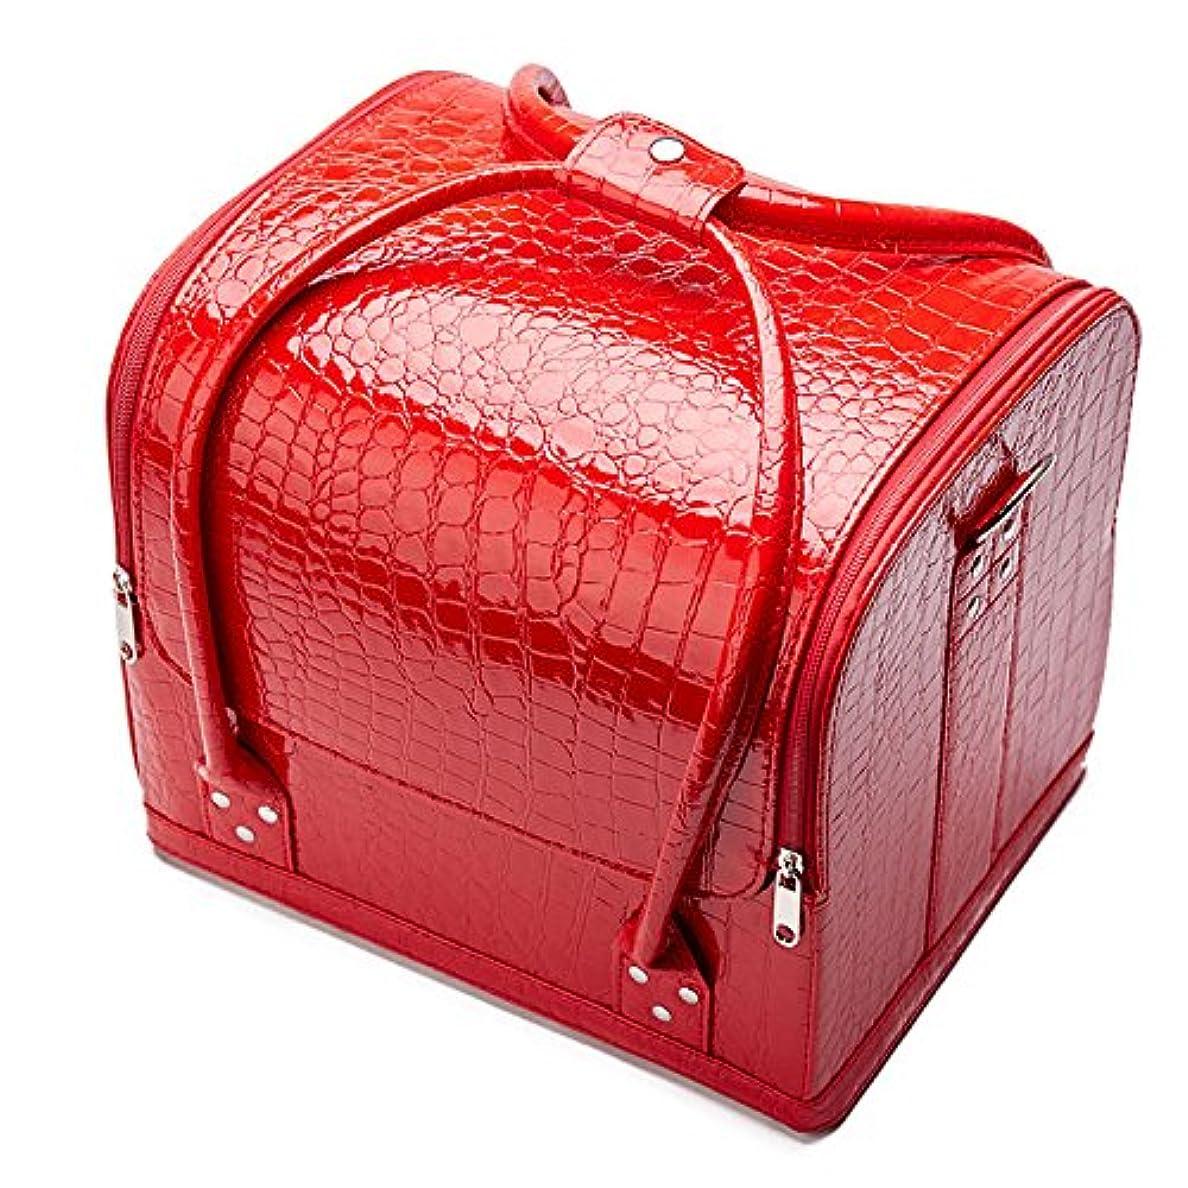 フロンティア緯度仕出します「XINXIKEJI」メイクボックス コスメボックス ネイルボックス 大容量 防水 洗える 化粧ボックス 肩掛け スプロも納得 収納力抜群 鍵付き オシャレ 祝日プレゼント 取っ手付 コスメBOXレッド